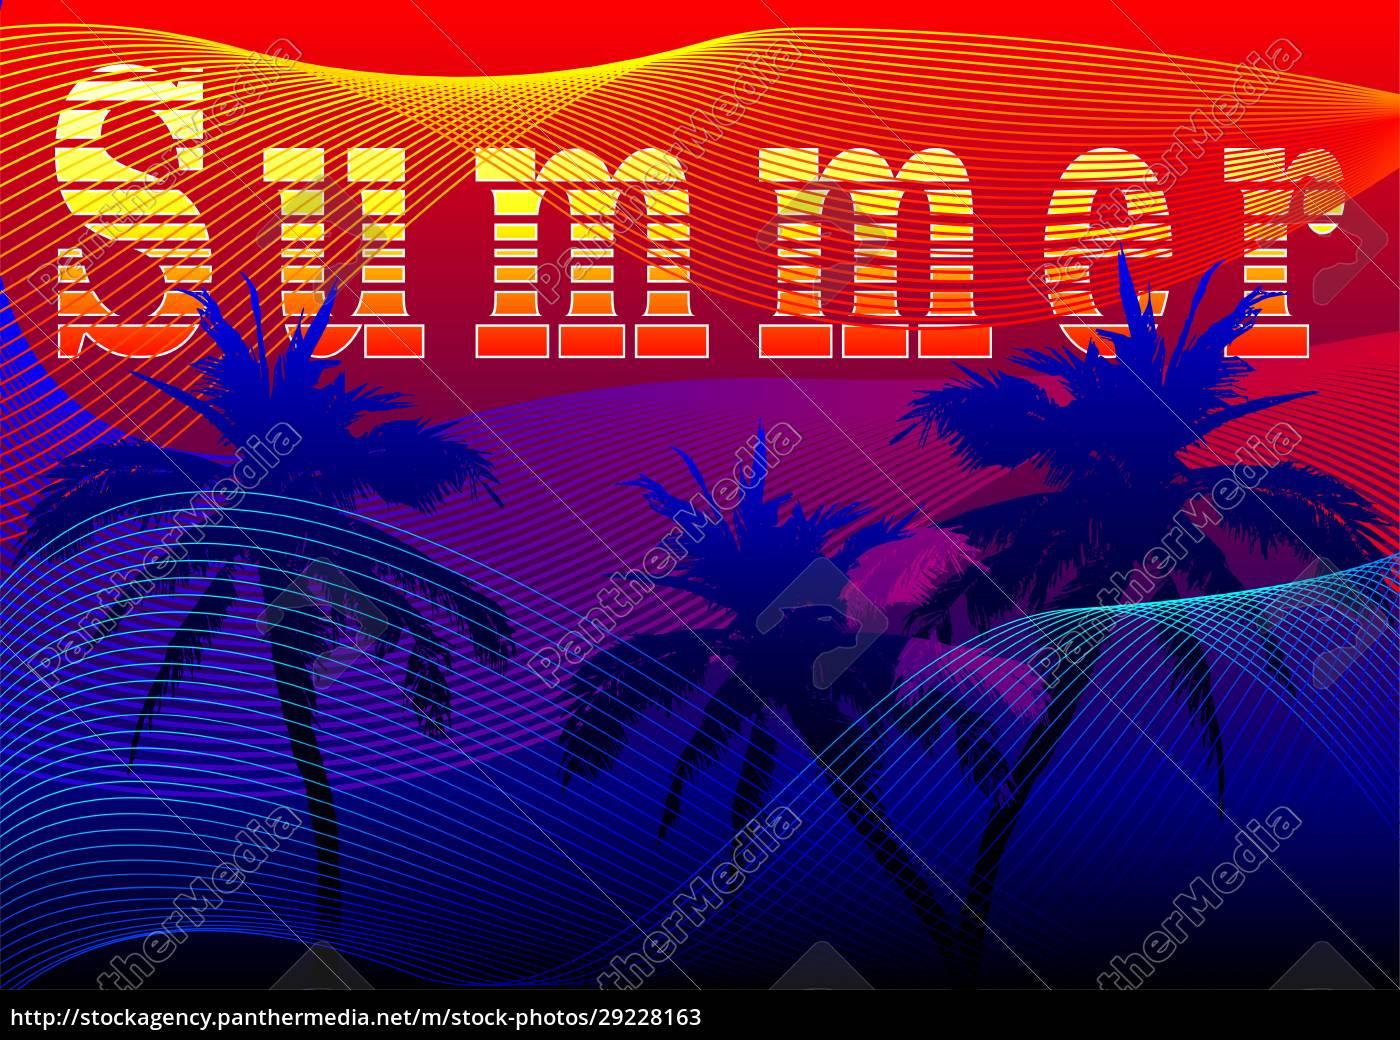 vector, summer, in, gradient, style - 29228163